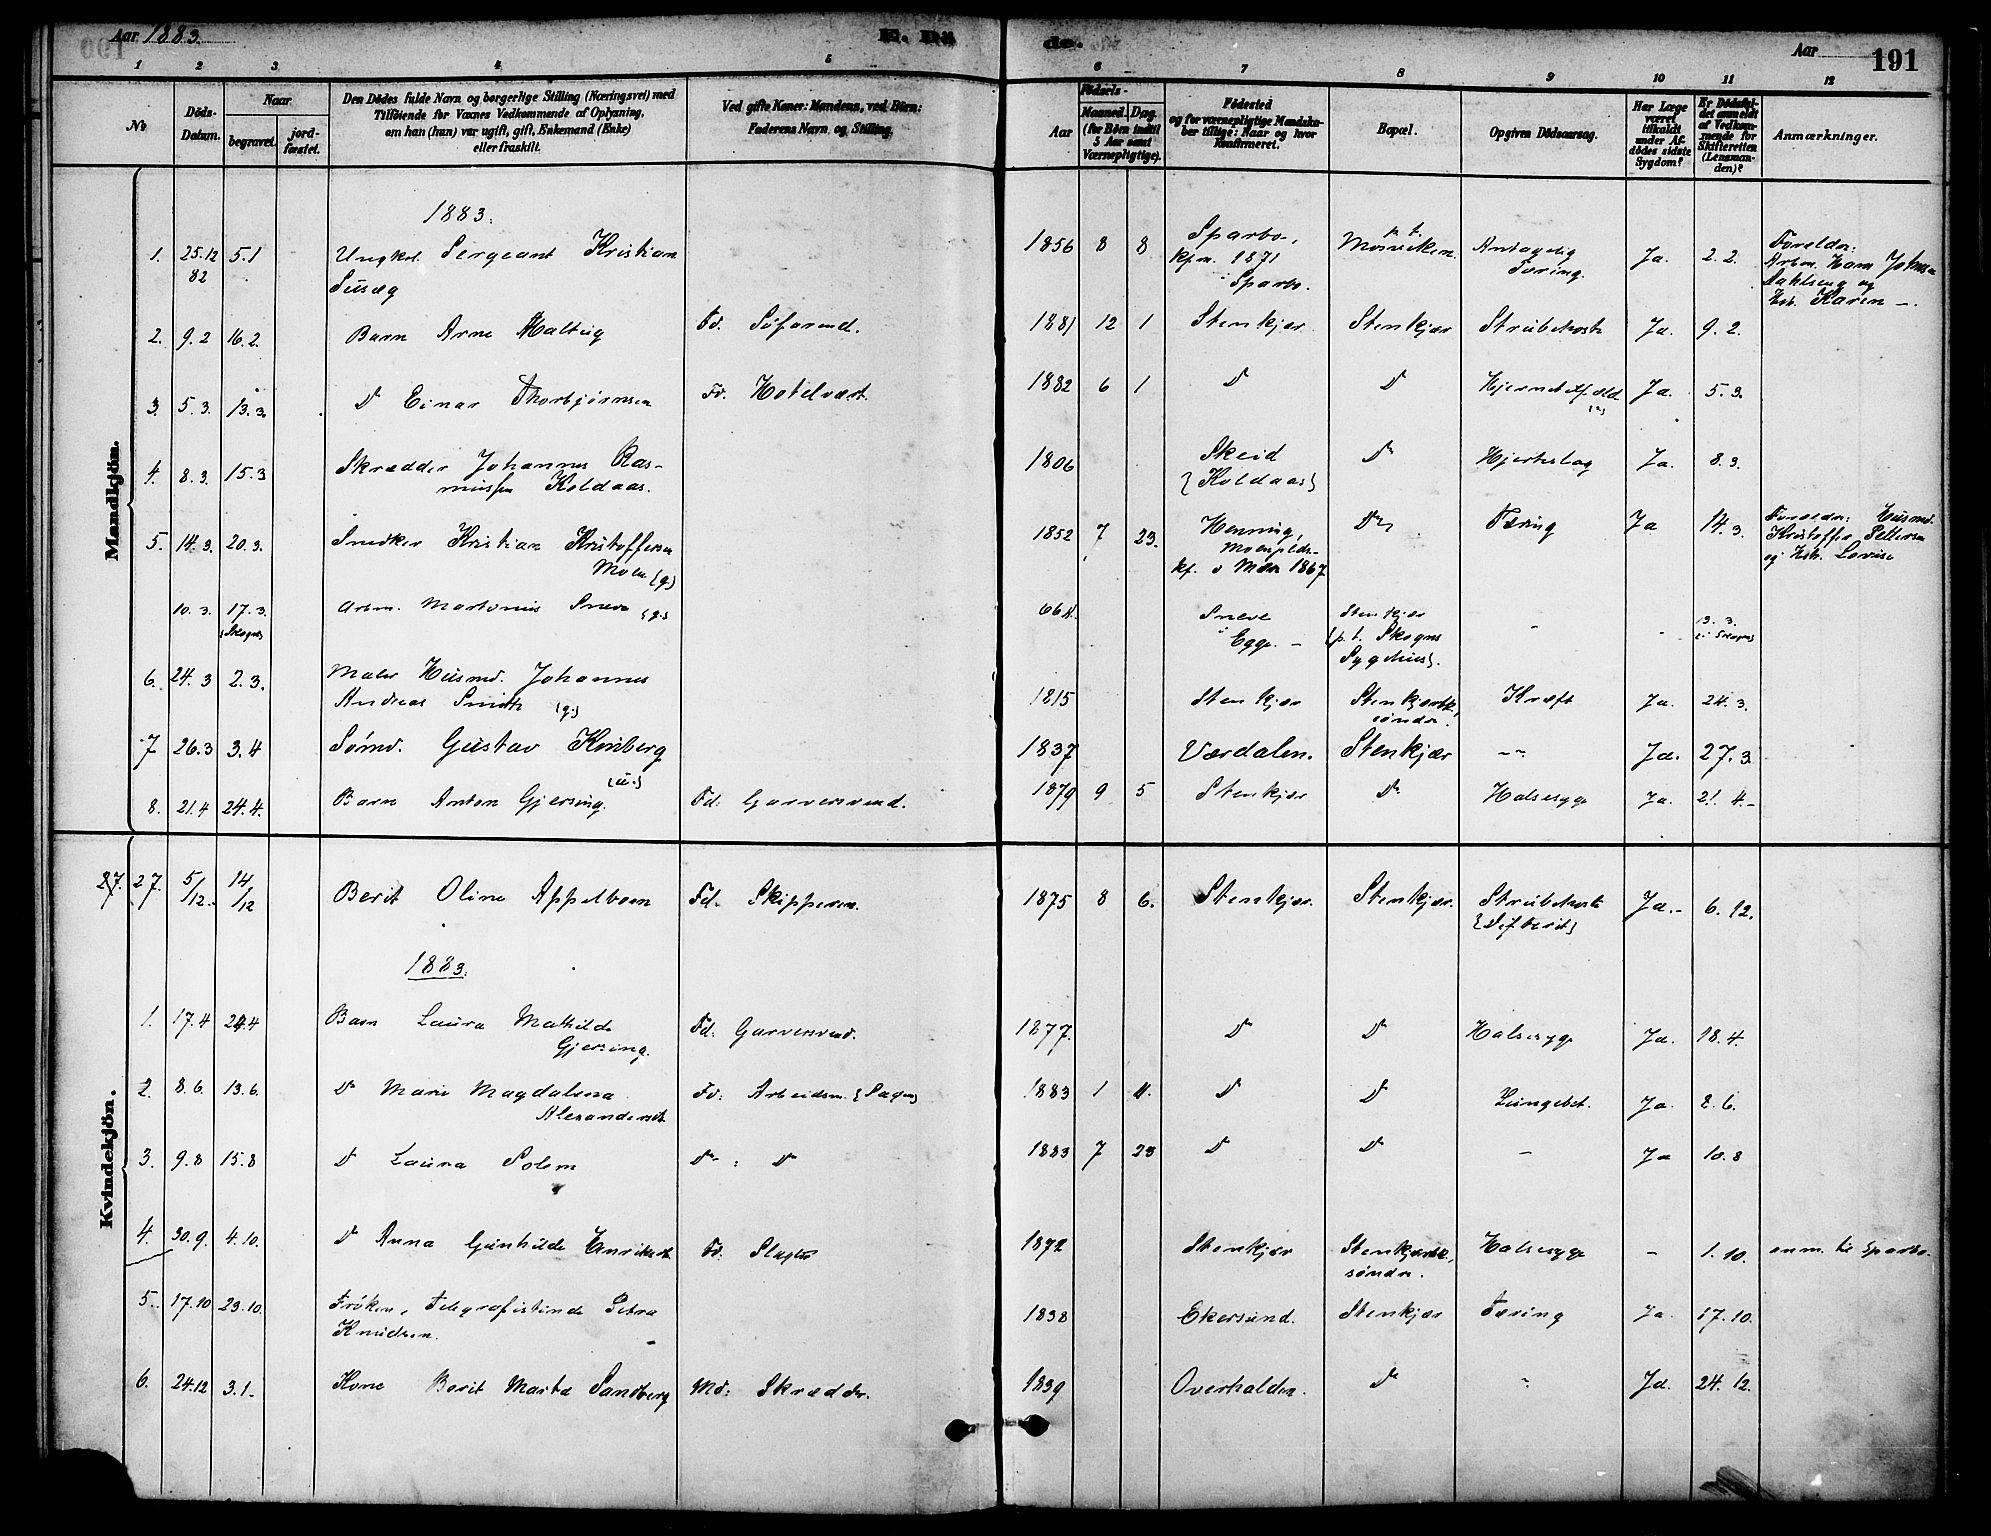 SAT, Ministerialprotokoller, klokkerbøker og fødselsregistre - Nord-Trøndelag, 739/L0371: Ministerialbok nr. 739A03, 1881-1895, s. 191